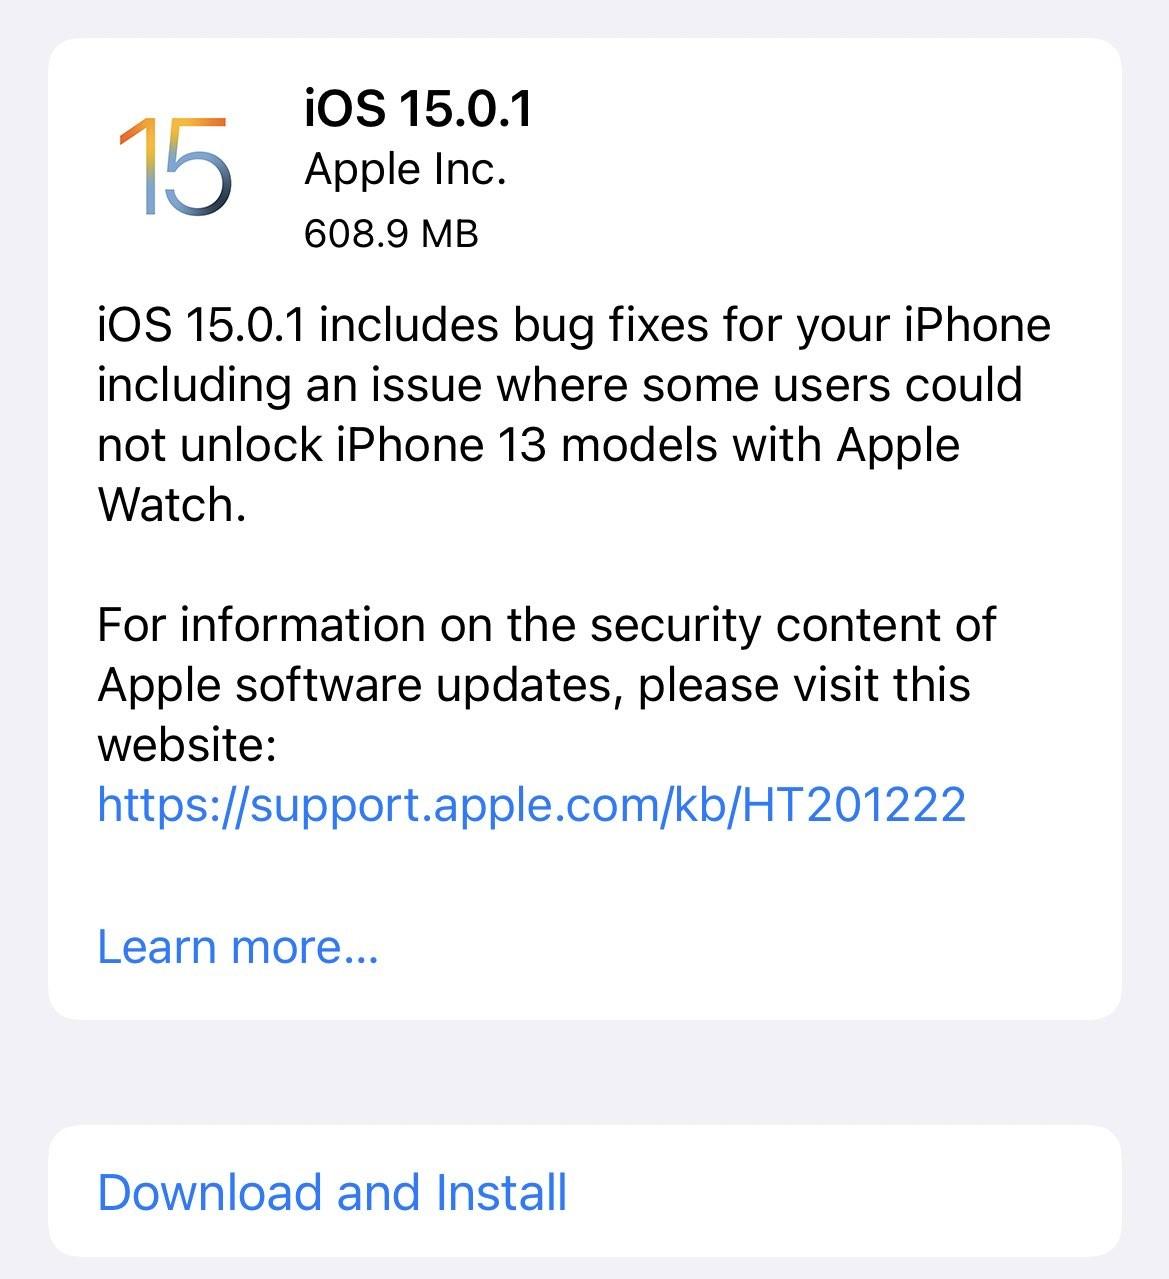 أبل تطلق التحديث iOS 15.0.1 لحل مشكلة فتح قفل الآيفون بواسطة ساعة أبل